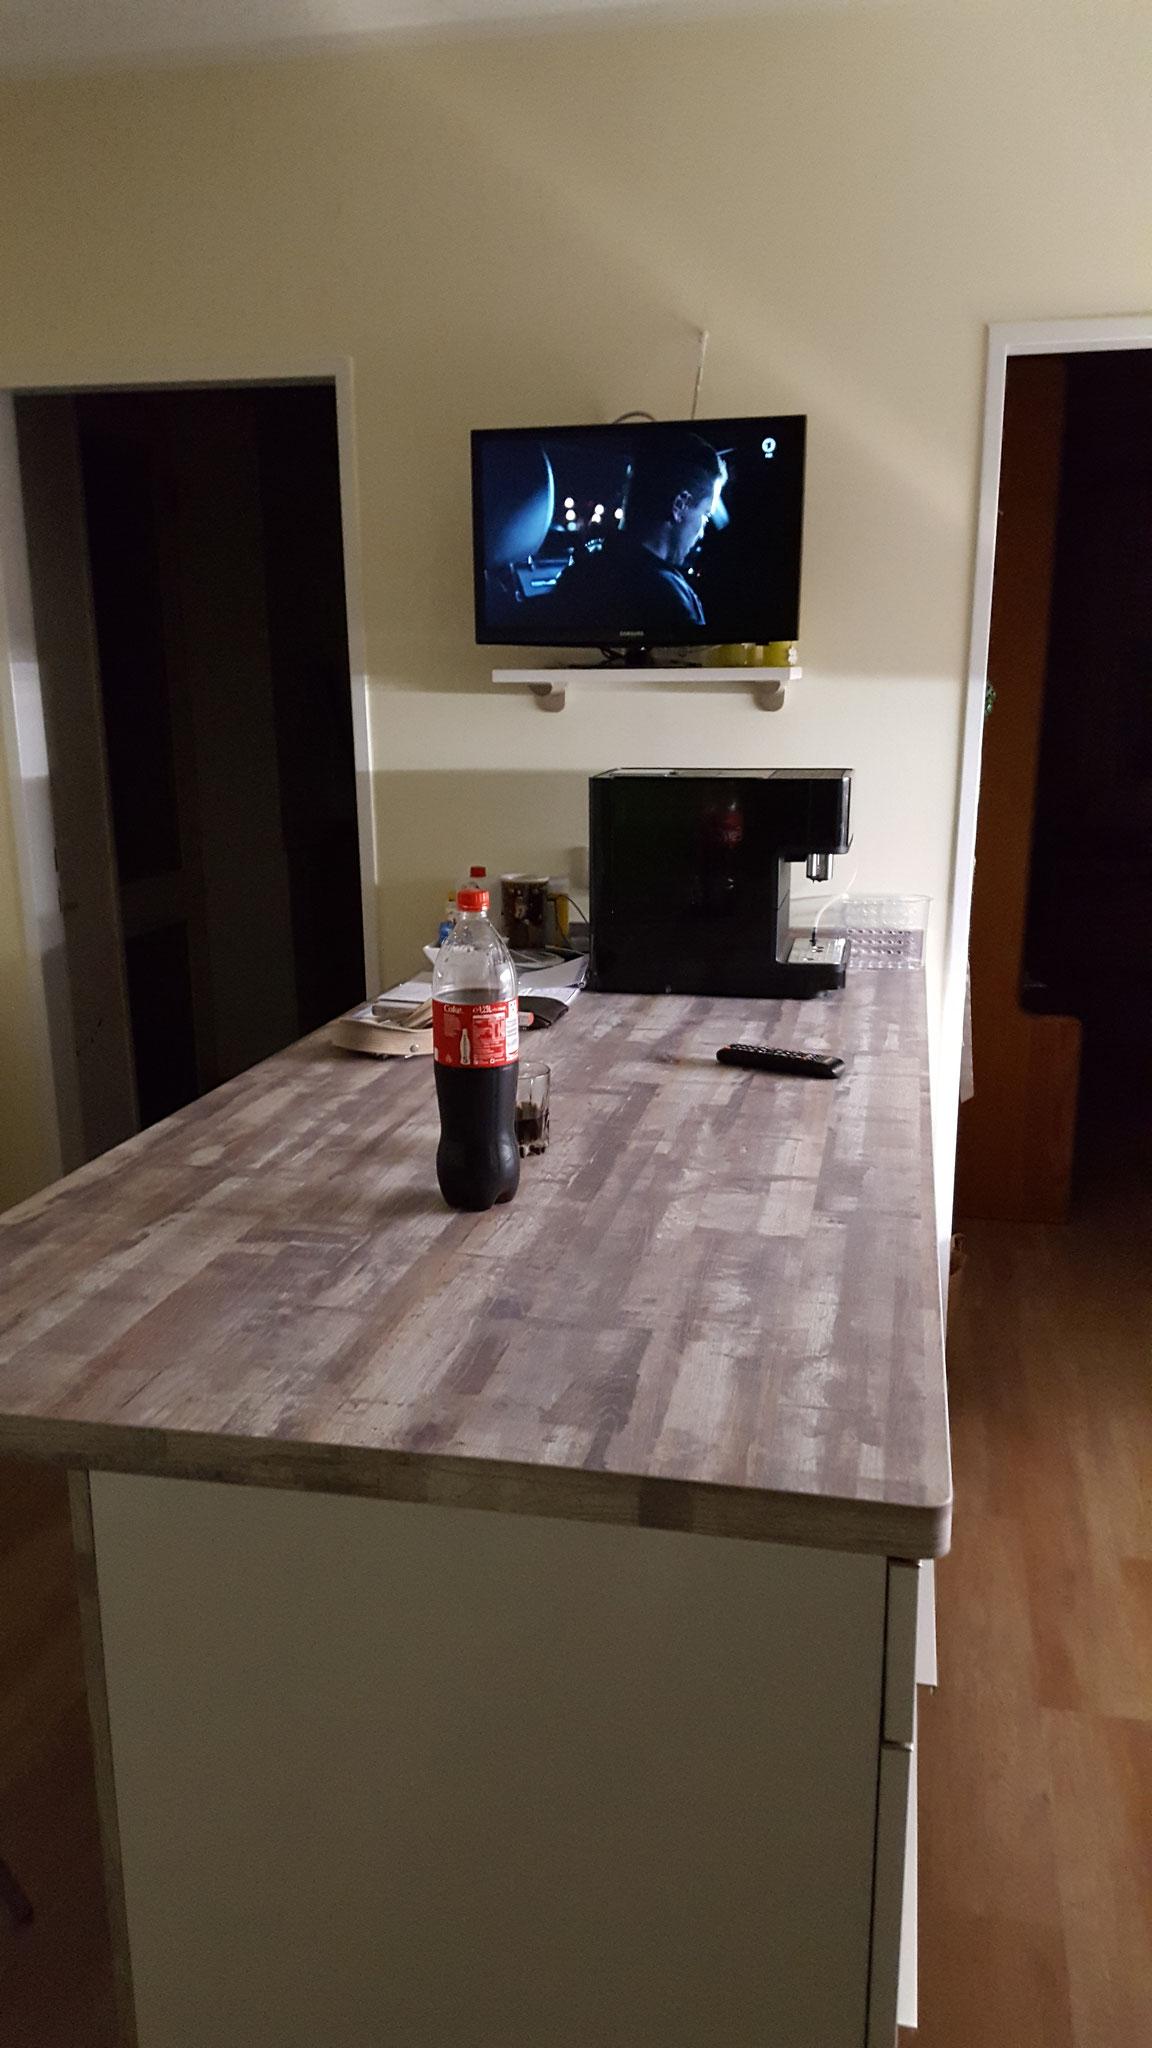 Oberhalb der Fernsehers, sieht man noch ein Kabel zur Vorbereitung einer Arbeitsplatzbeleuchtung. TV Anschluss und Steckdose sind hinter dem Fernseher eingebaut worden um die Kabel optisch zu verstecken.